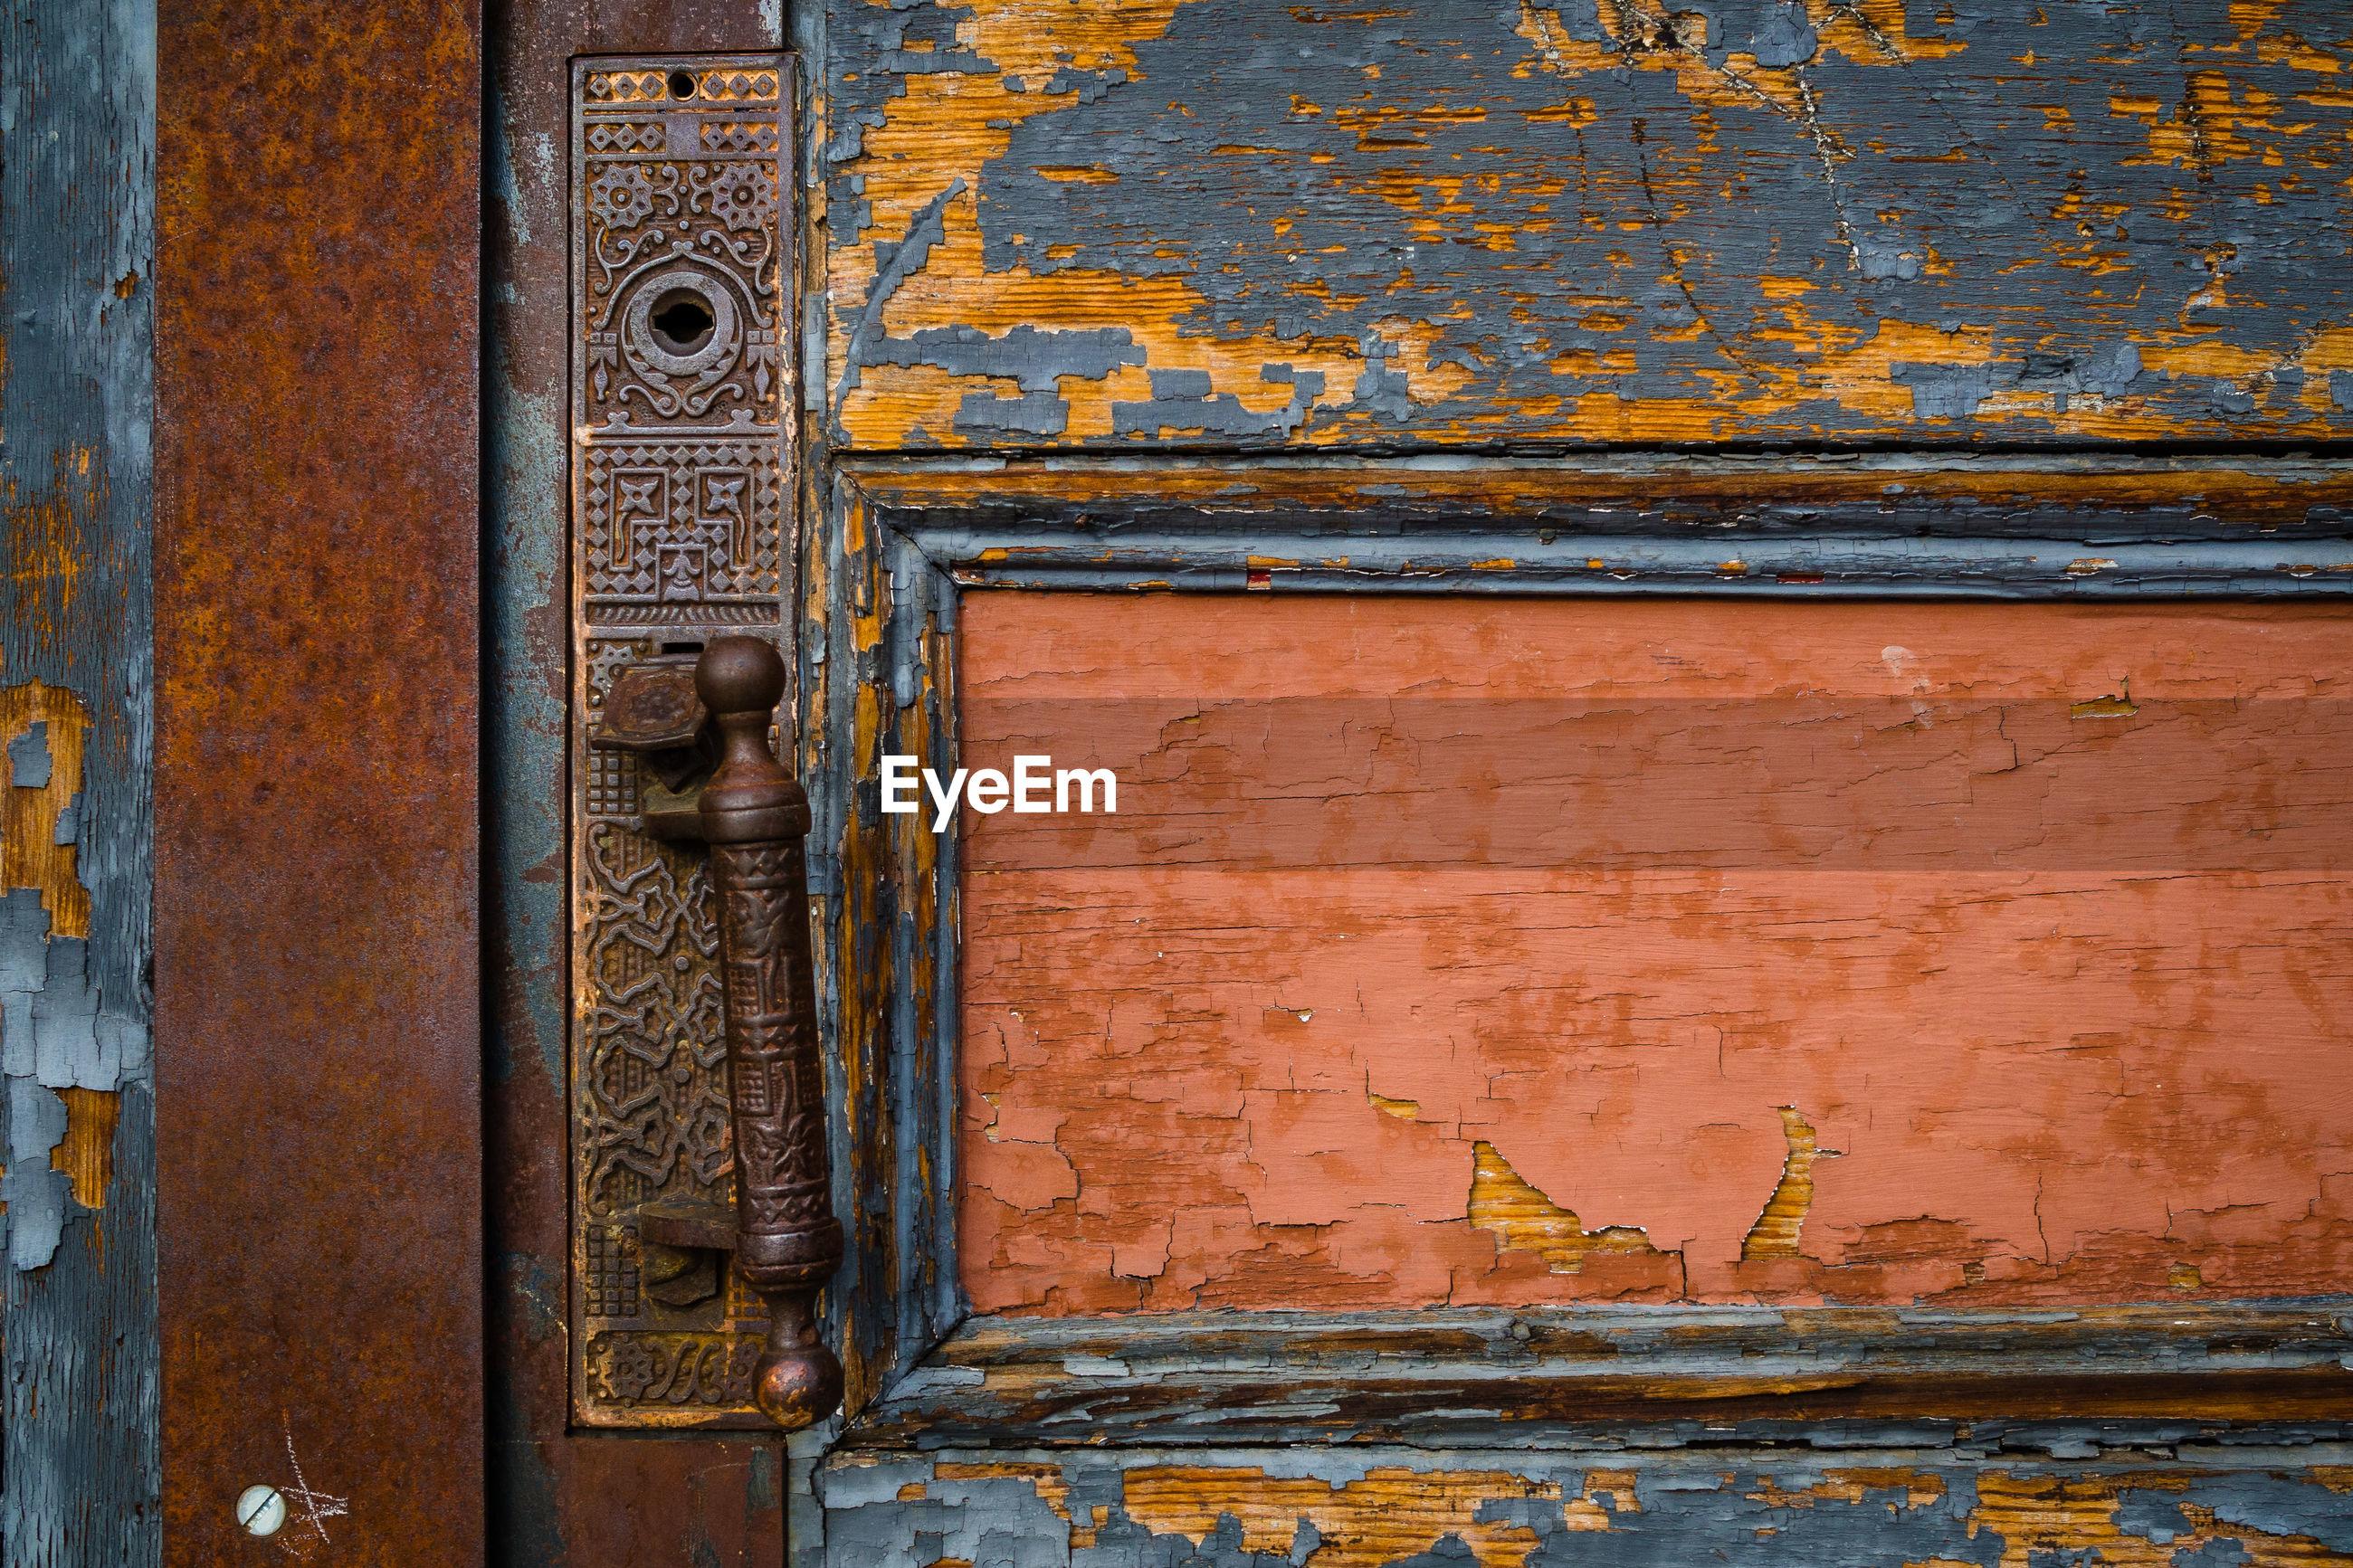 Close-up of metallic door handle